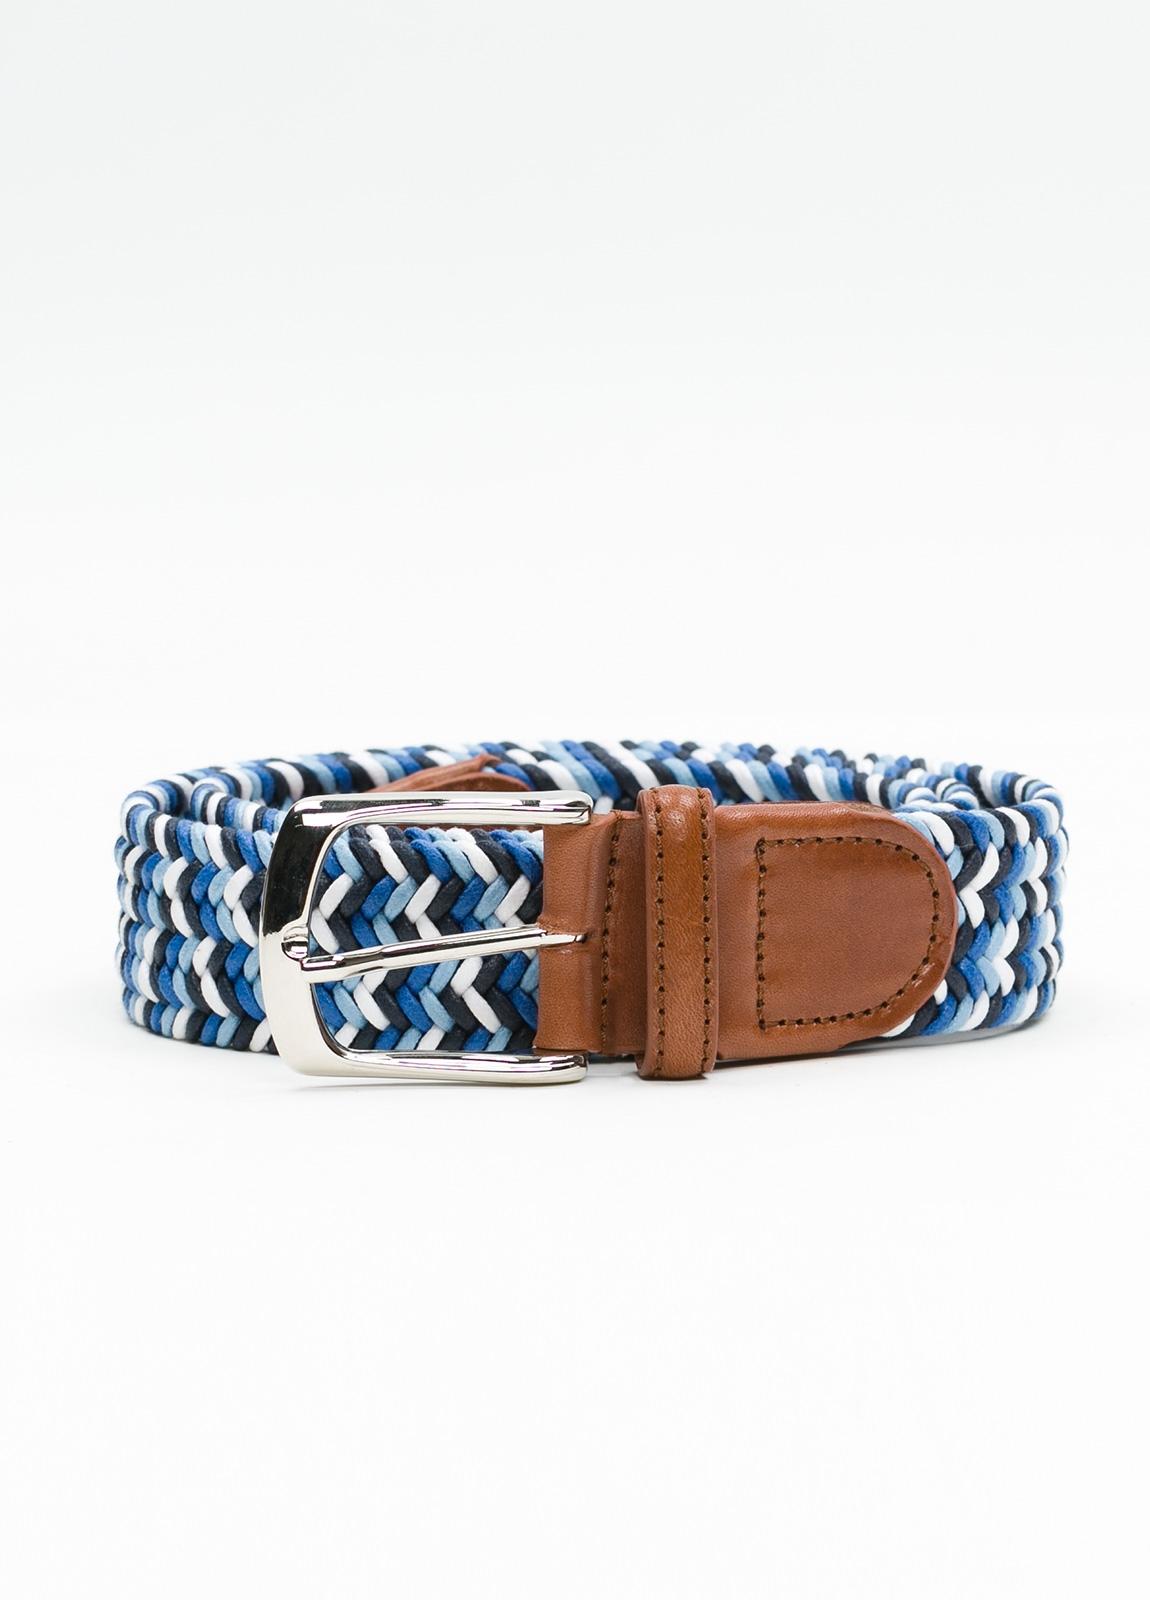 Cinturón Sport trenzado color azul. Algodón.